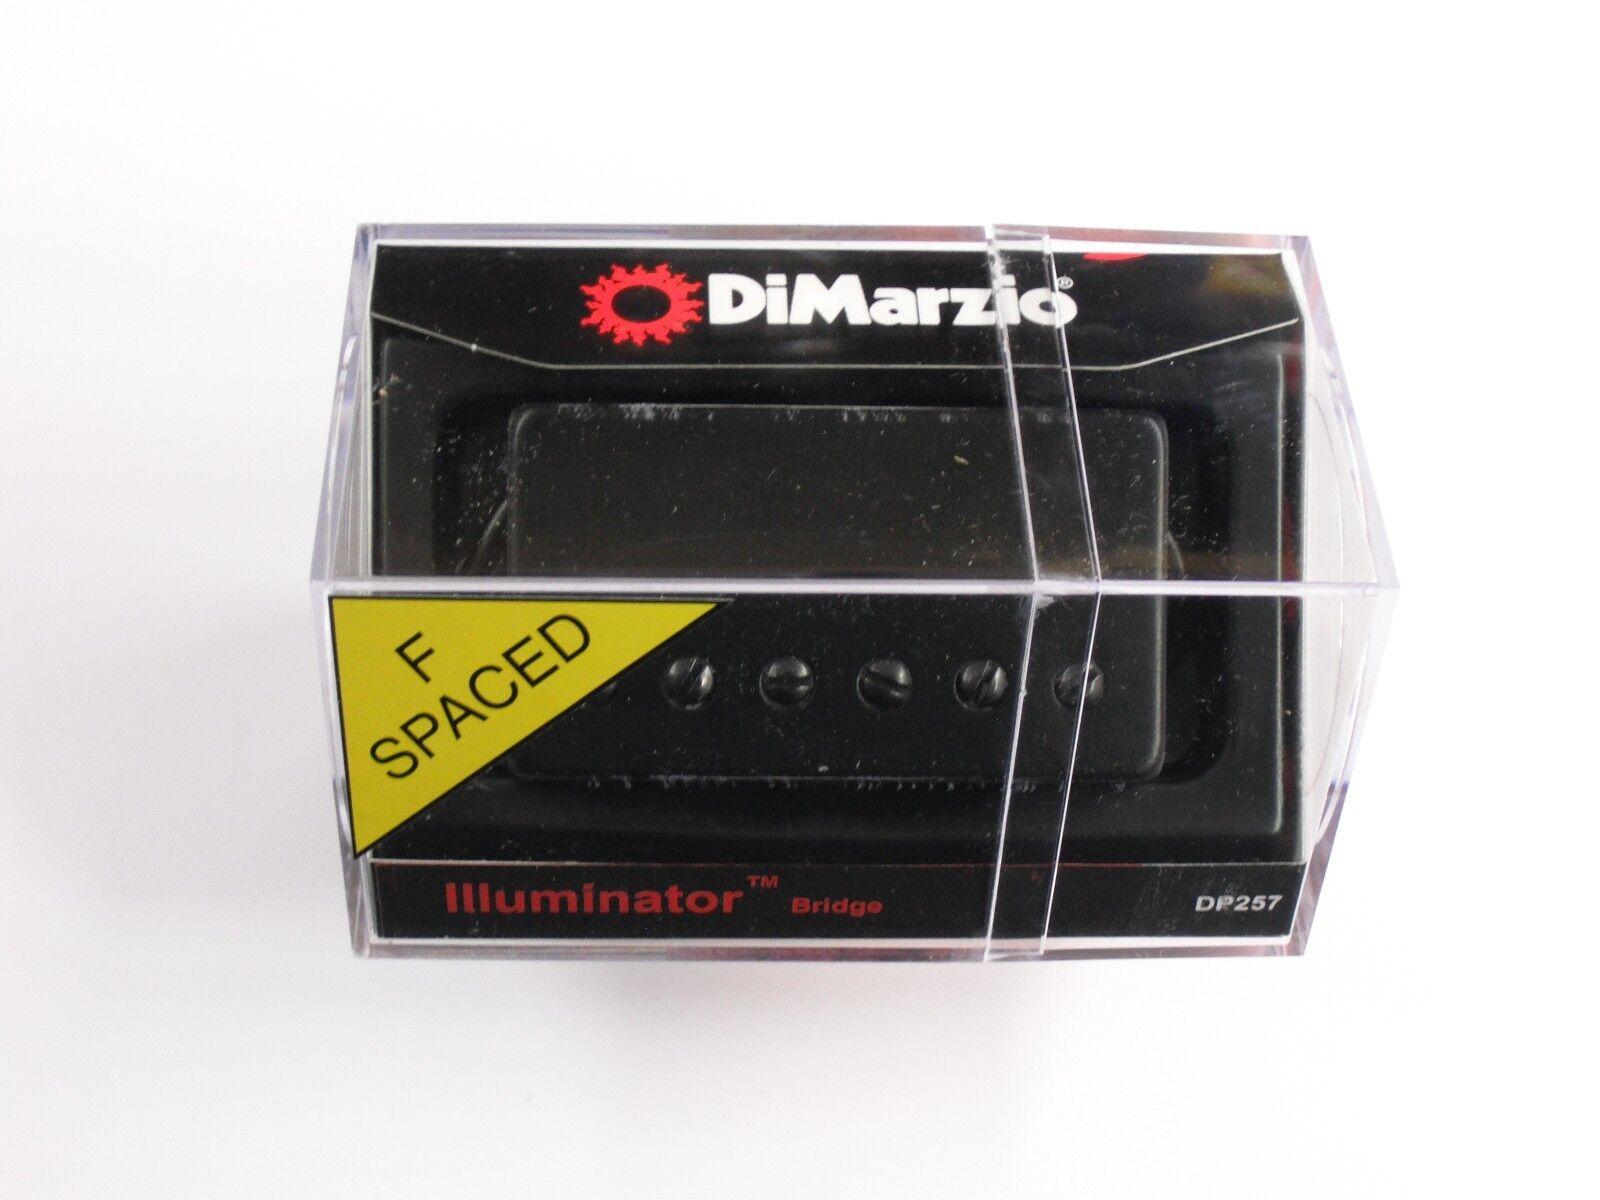 Dimarzio F-espaciados F-espaciados F-espaciados Iluminador Humbucker Puente Con Cubierta Negra DP 257  punto de venta